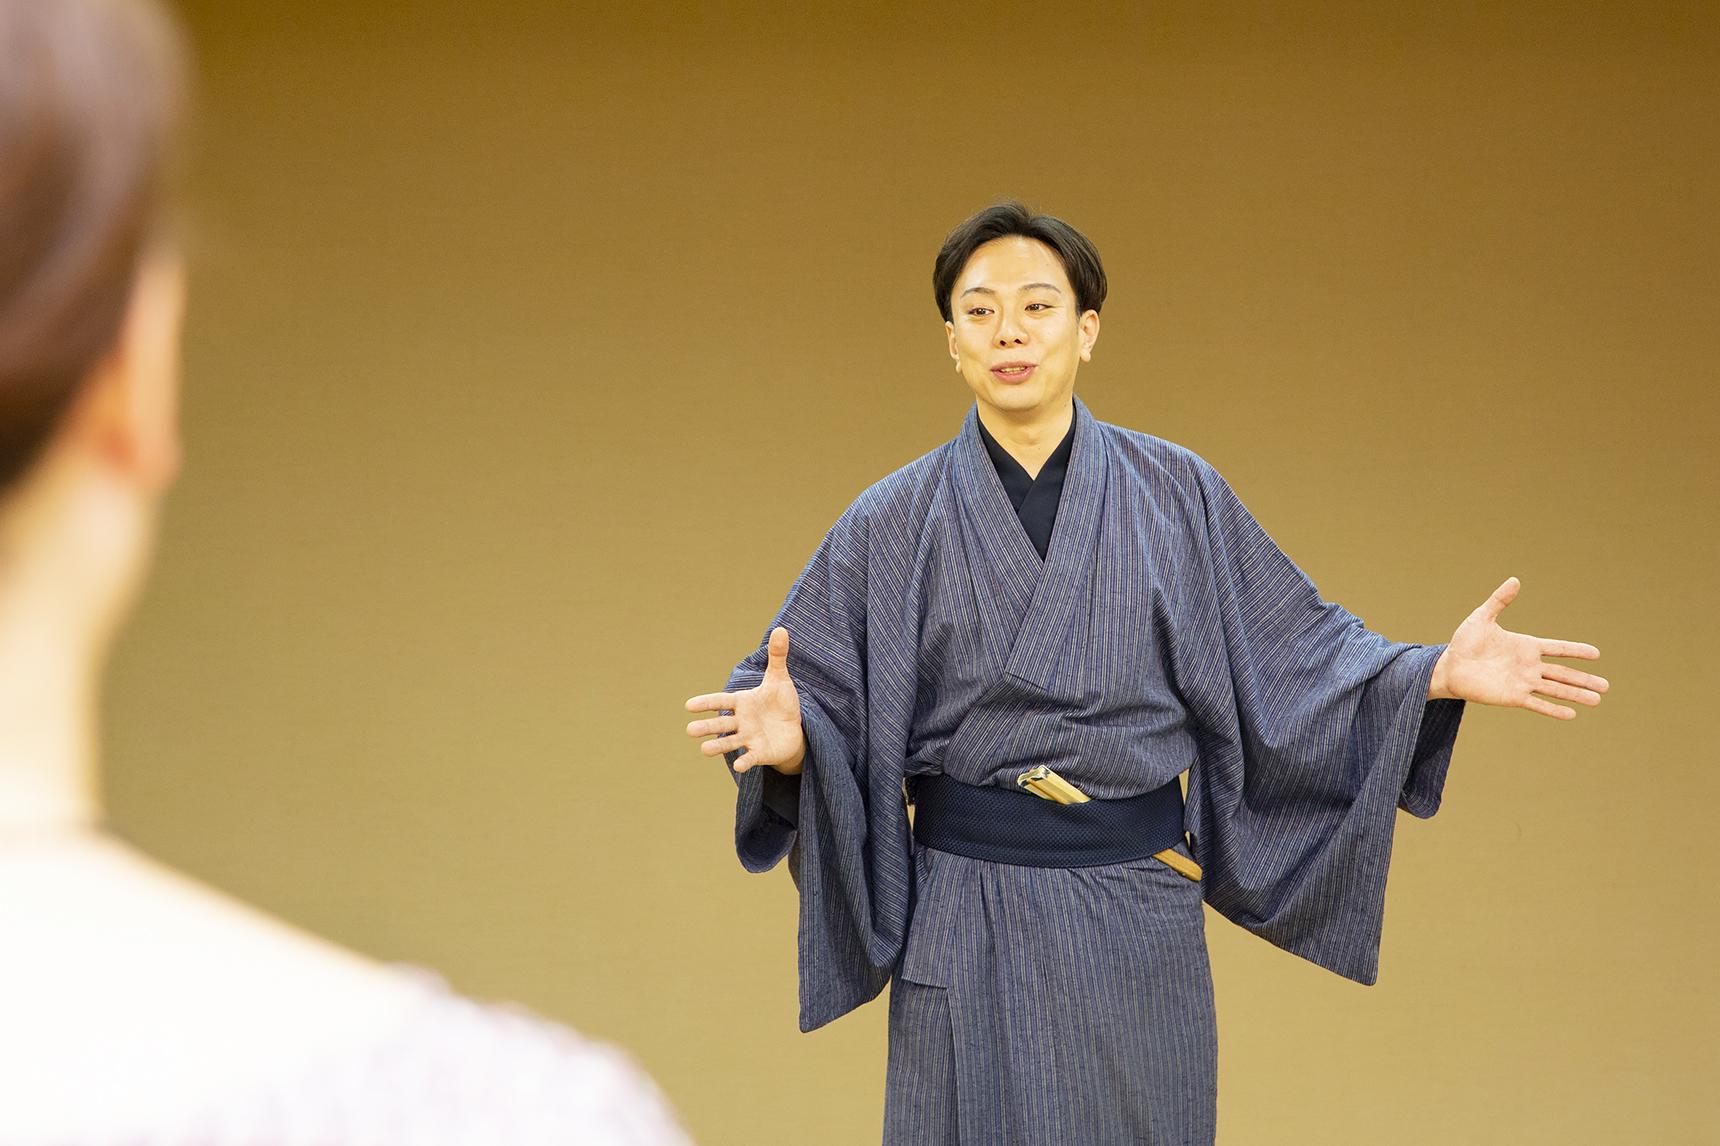 気分が前向きになる和のエクササイズ「歌舞伎体操」で正しい姿勢を見直そう!(2)